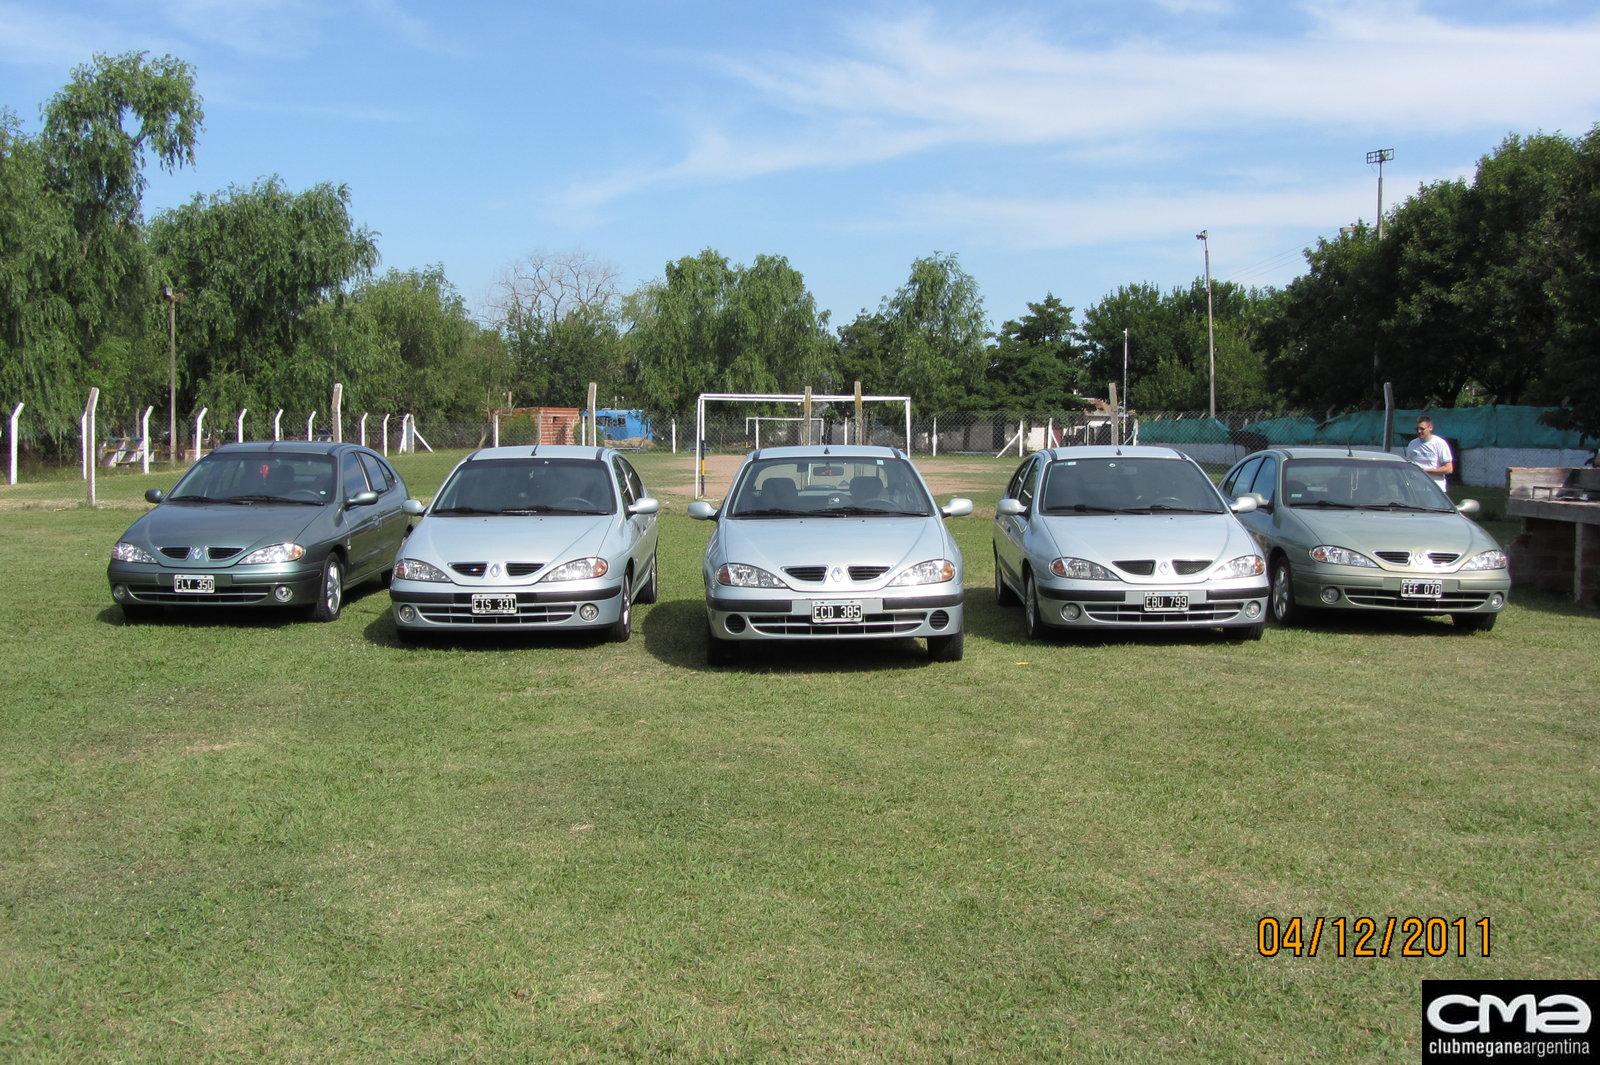 San Pedro 04/12/2011 (Prov de Buenos Aires)